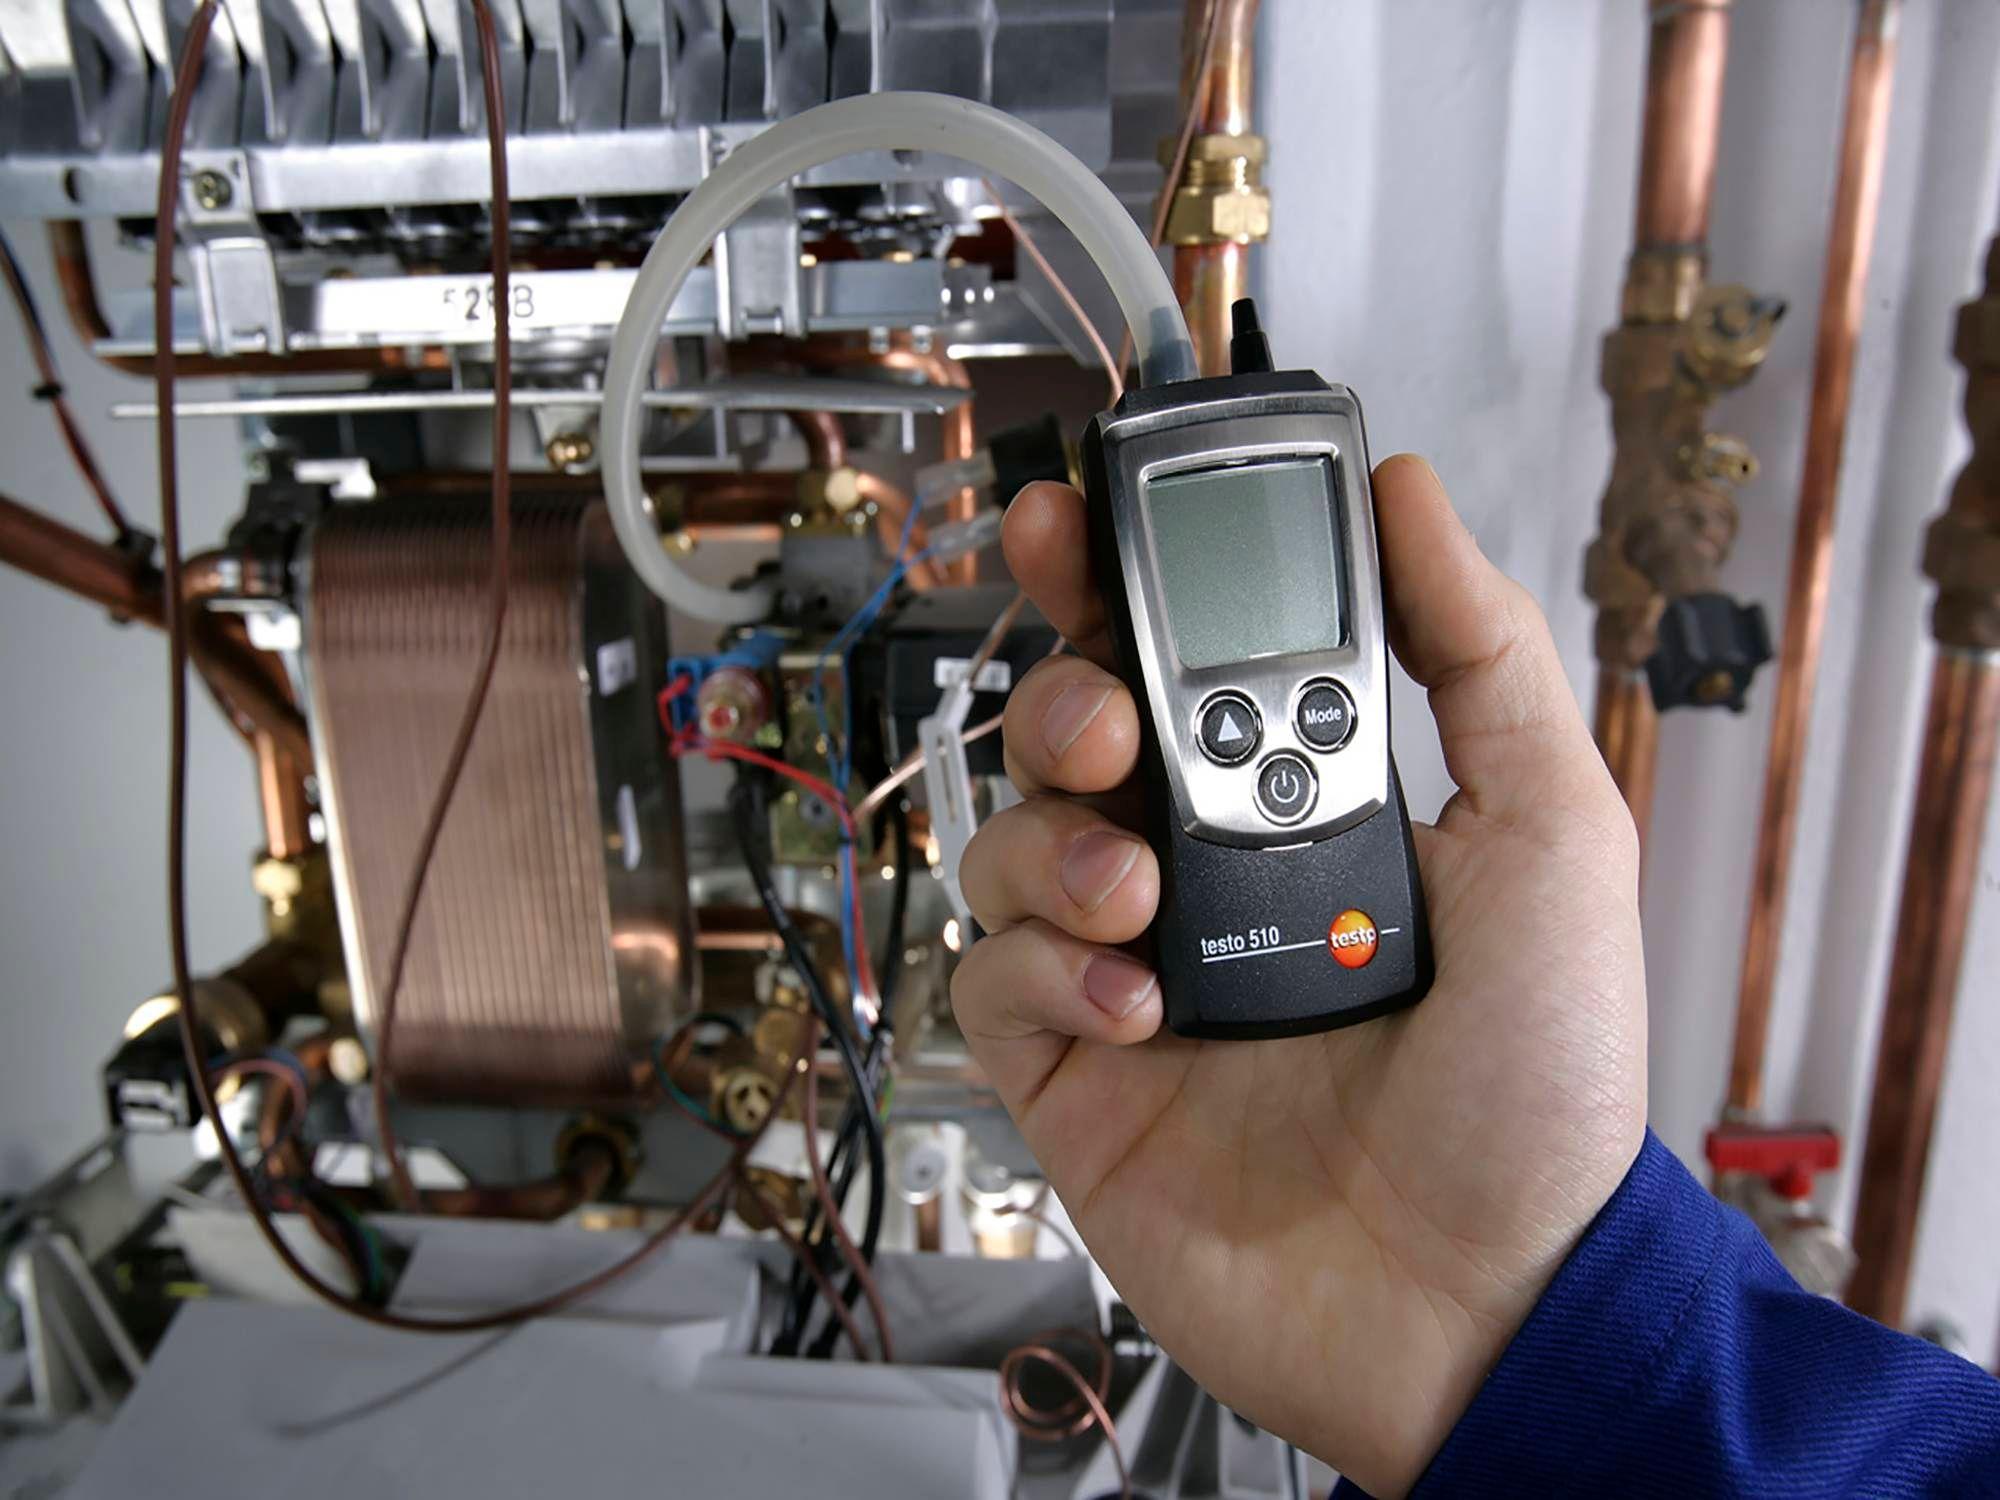 testo-510-digital-manometer-uk.jpg